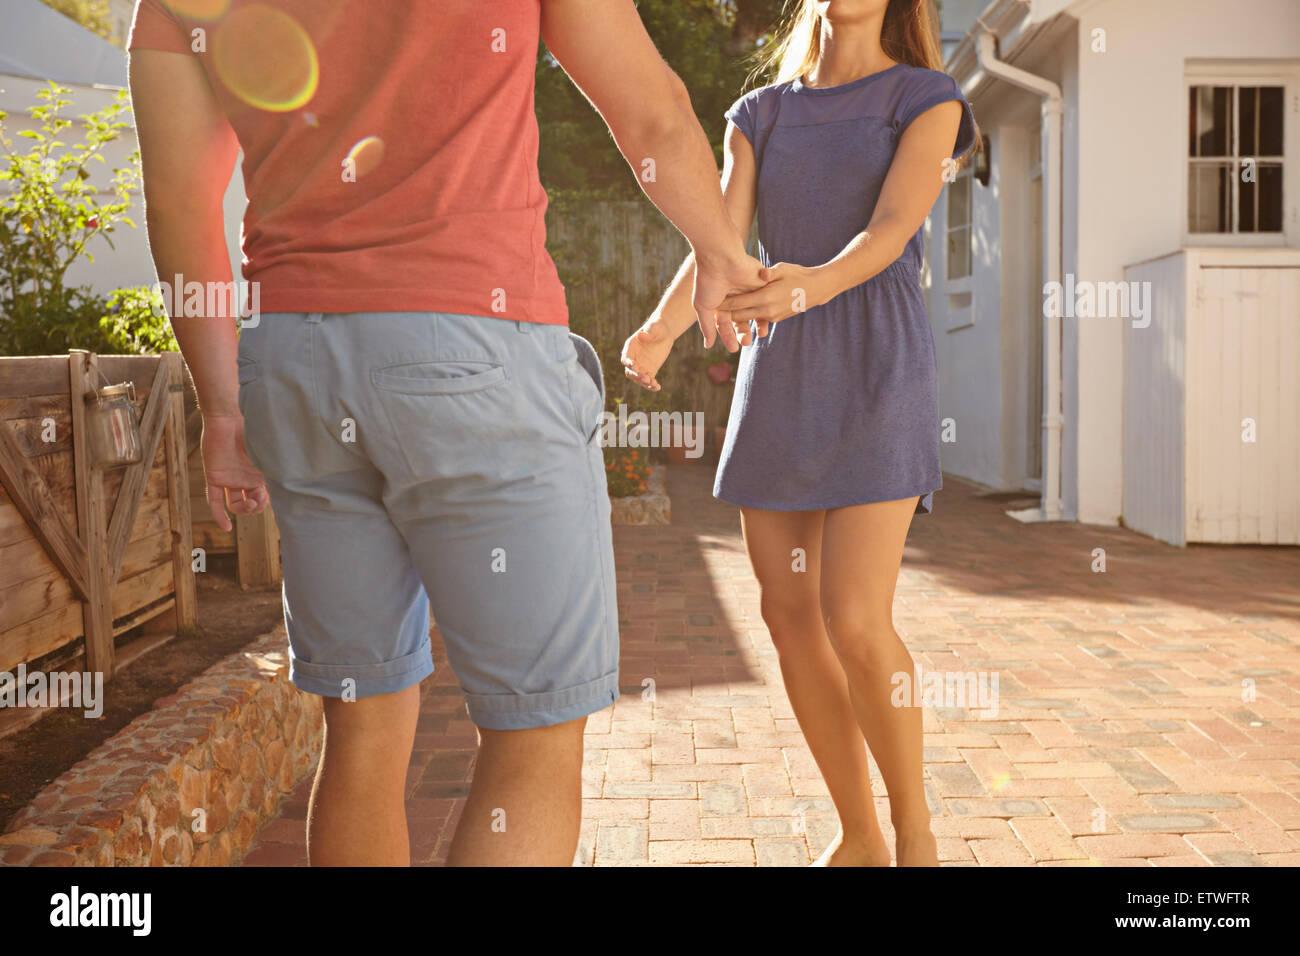 Aufnahme des jungen Paares stehen vor ihrem Haus Hand in Hand abgeschnitten. Mann und Frau in Casuals außerhalb Stockfoto